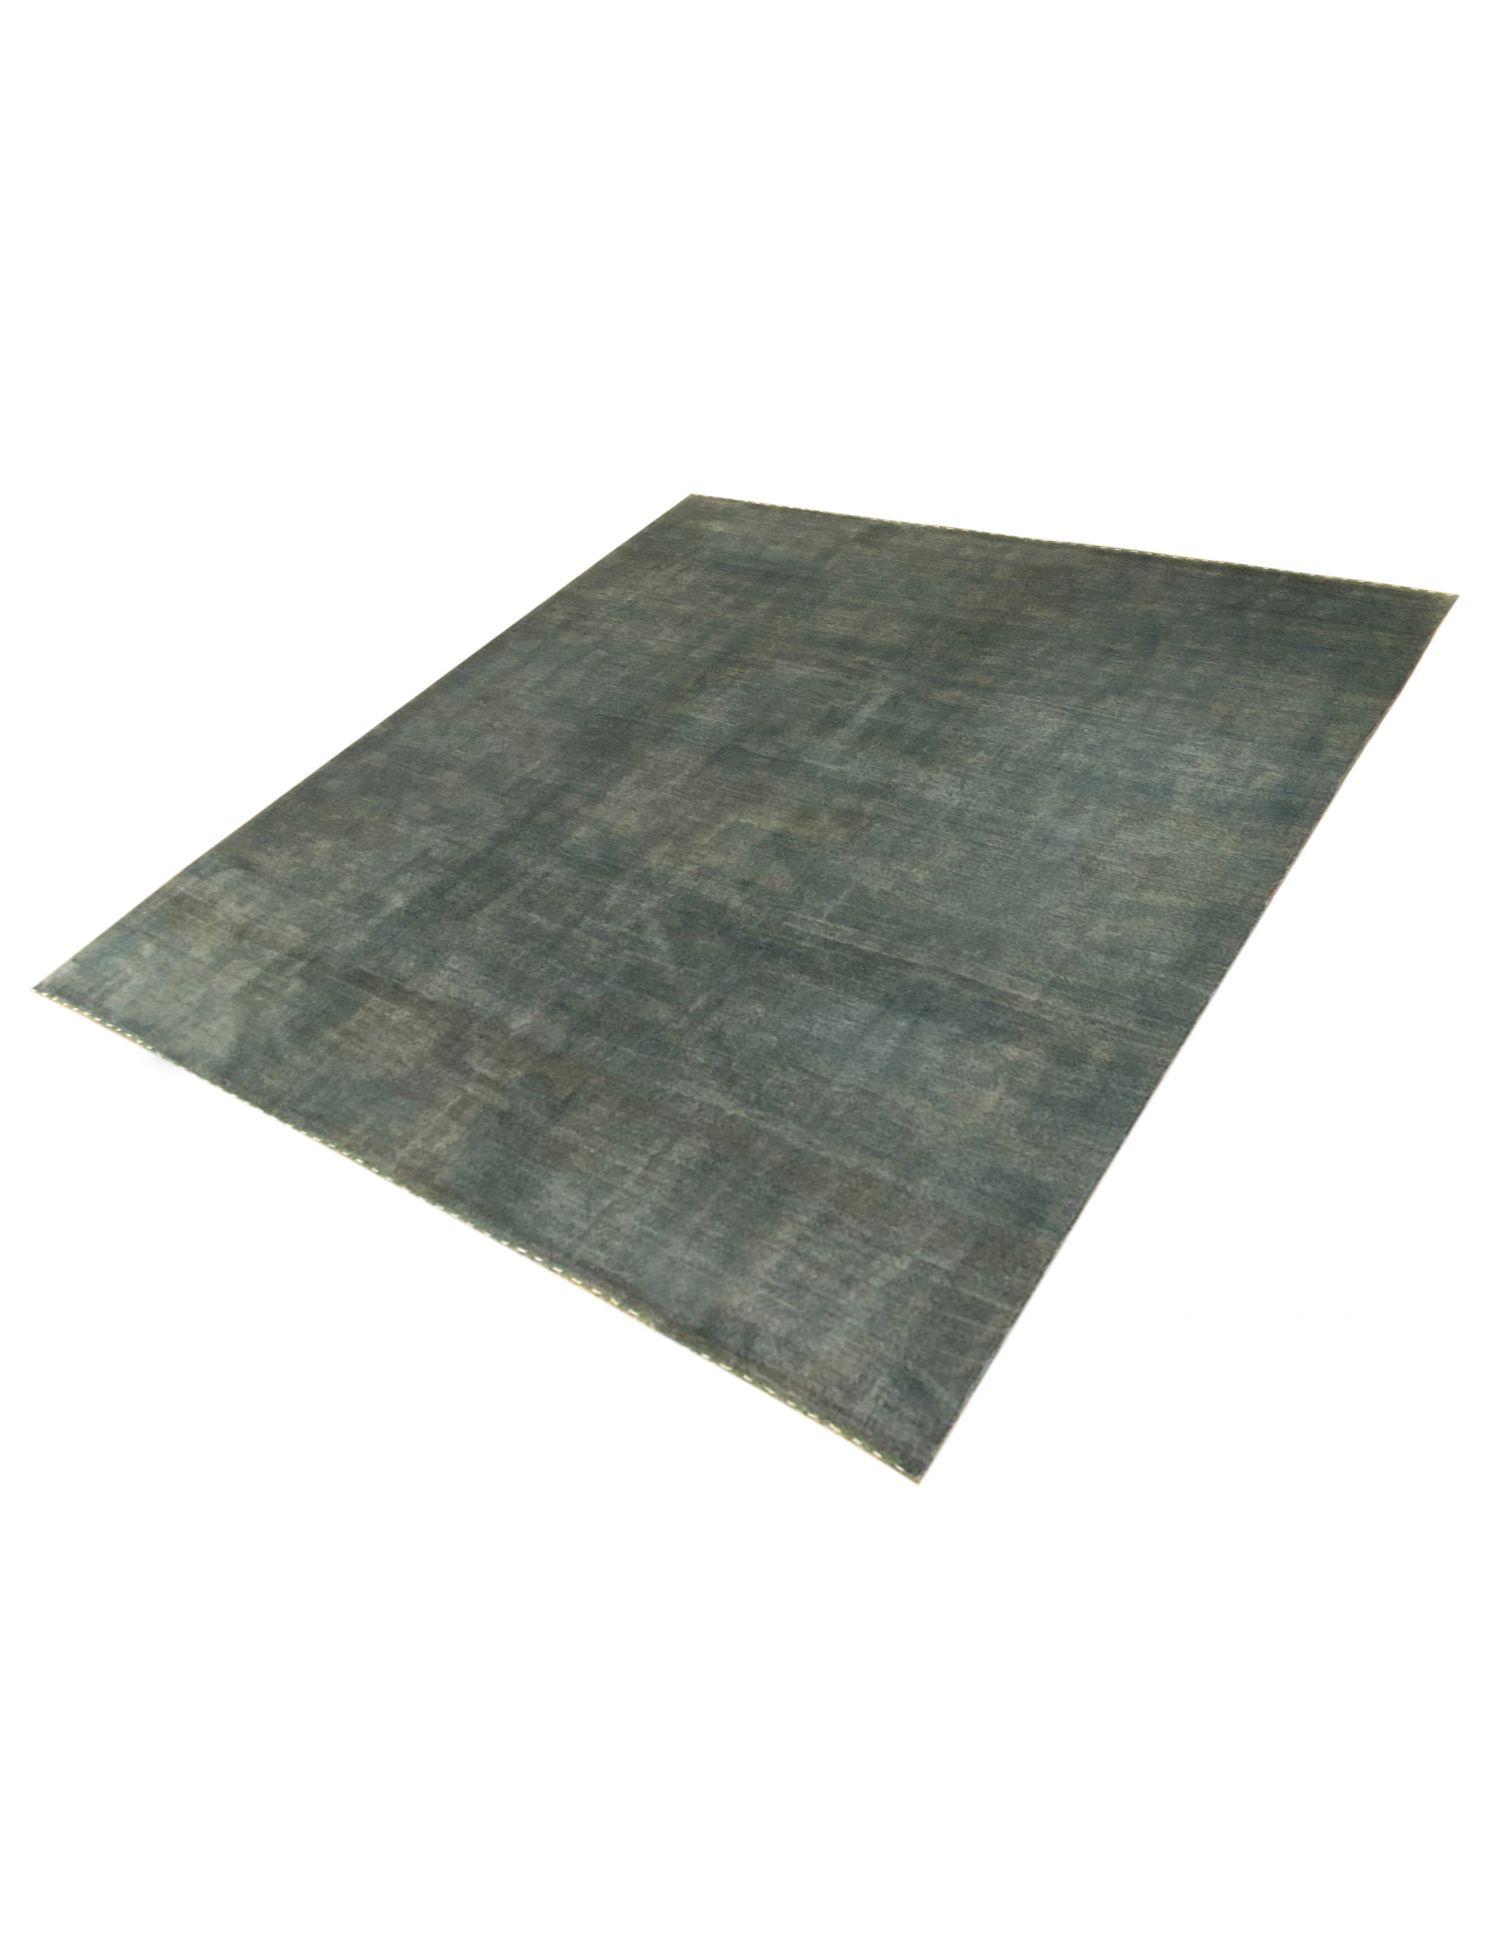 Moderne Teppiche   <br/>280 x 251 cm